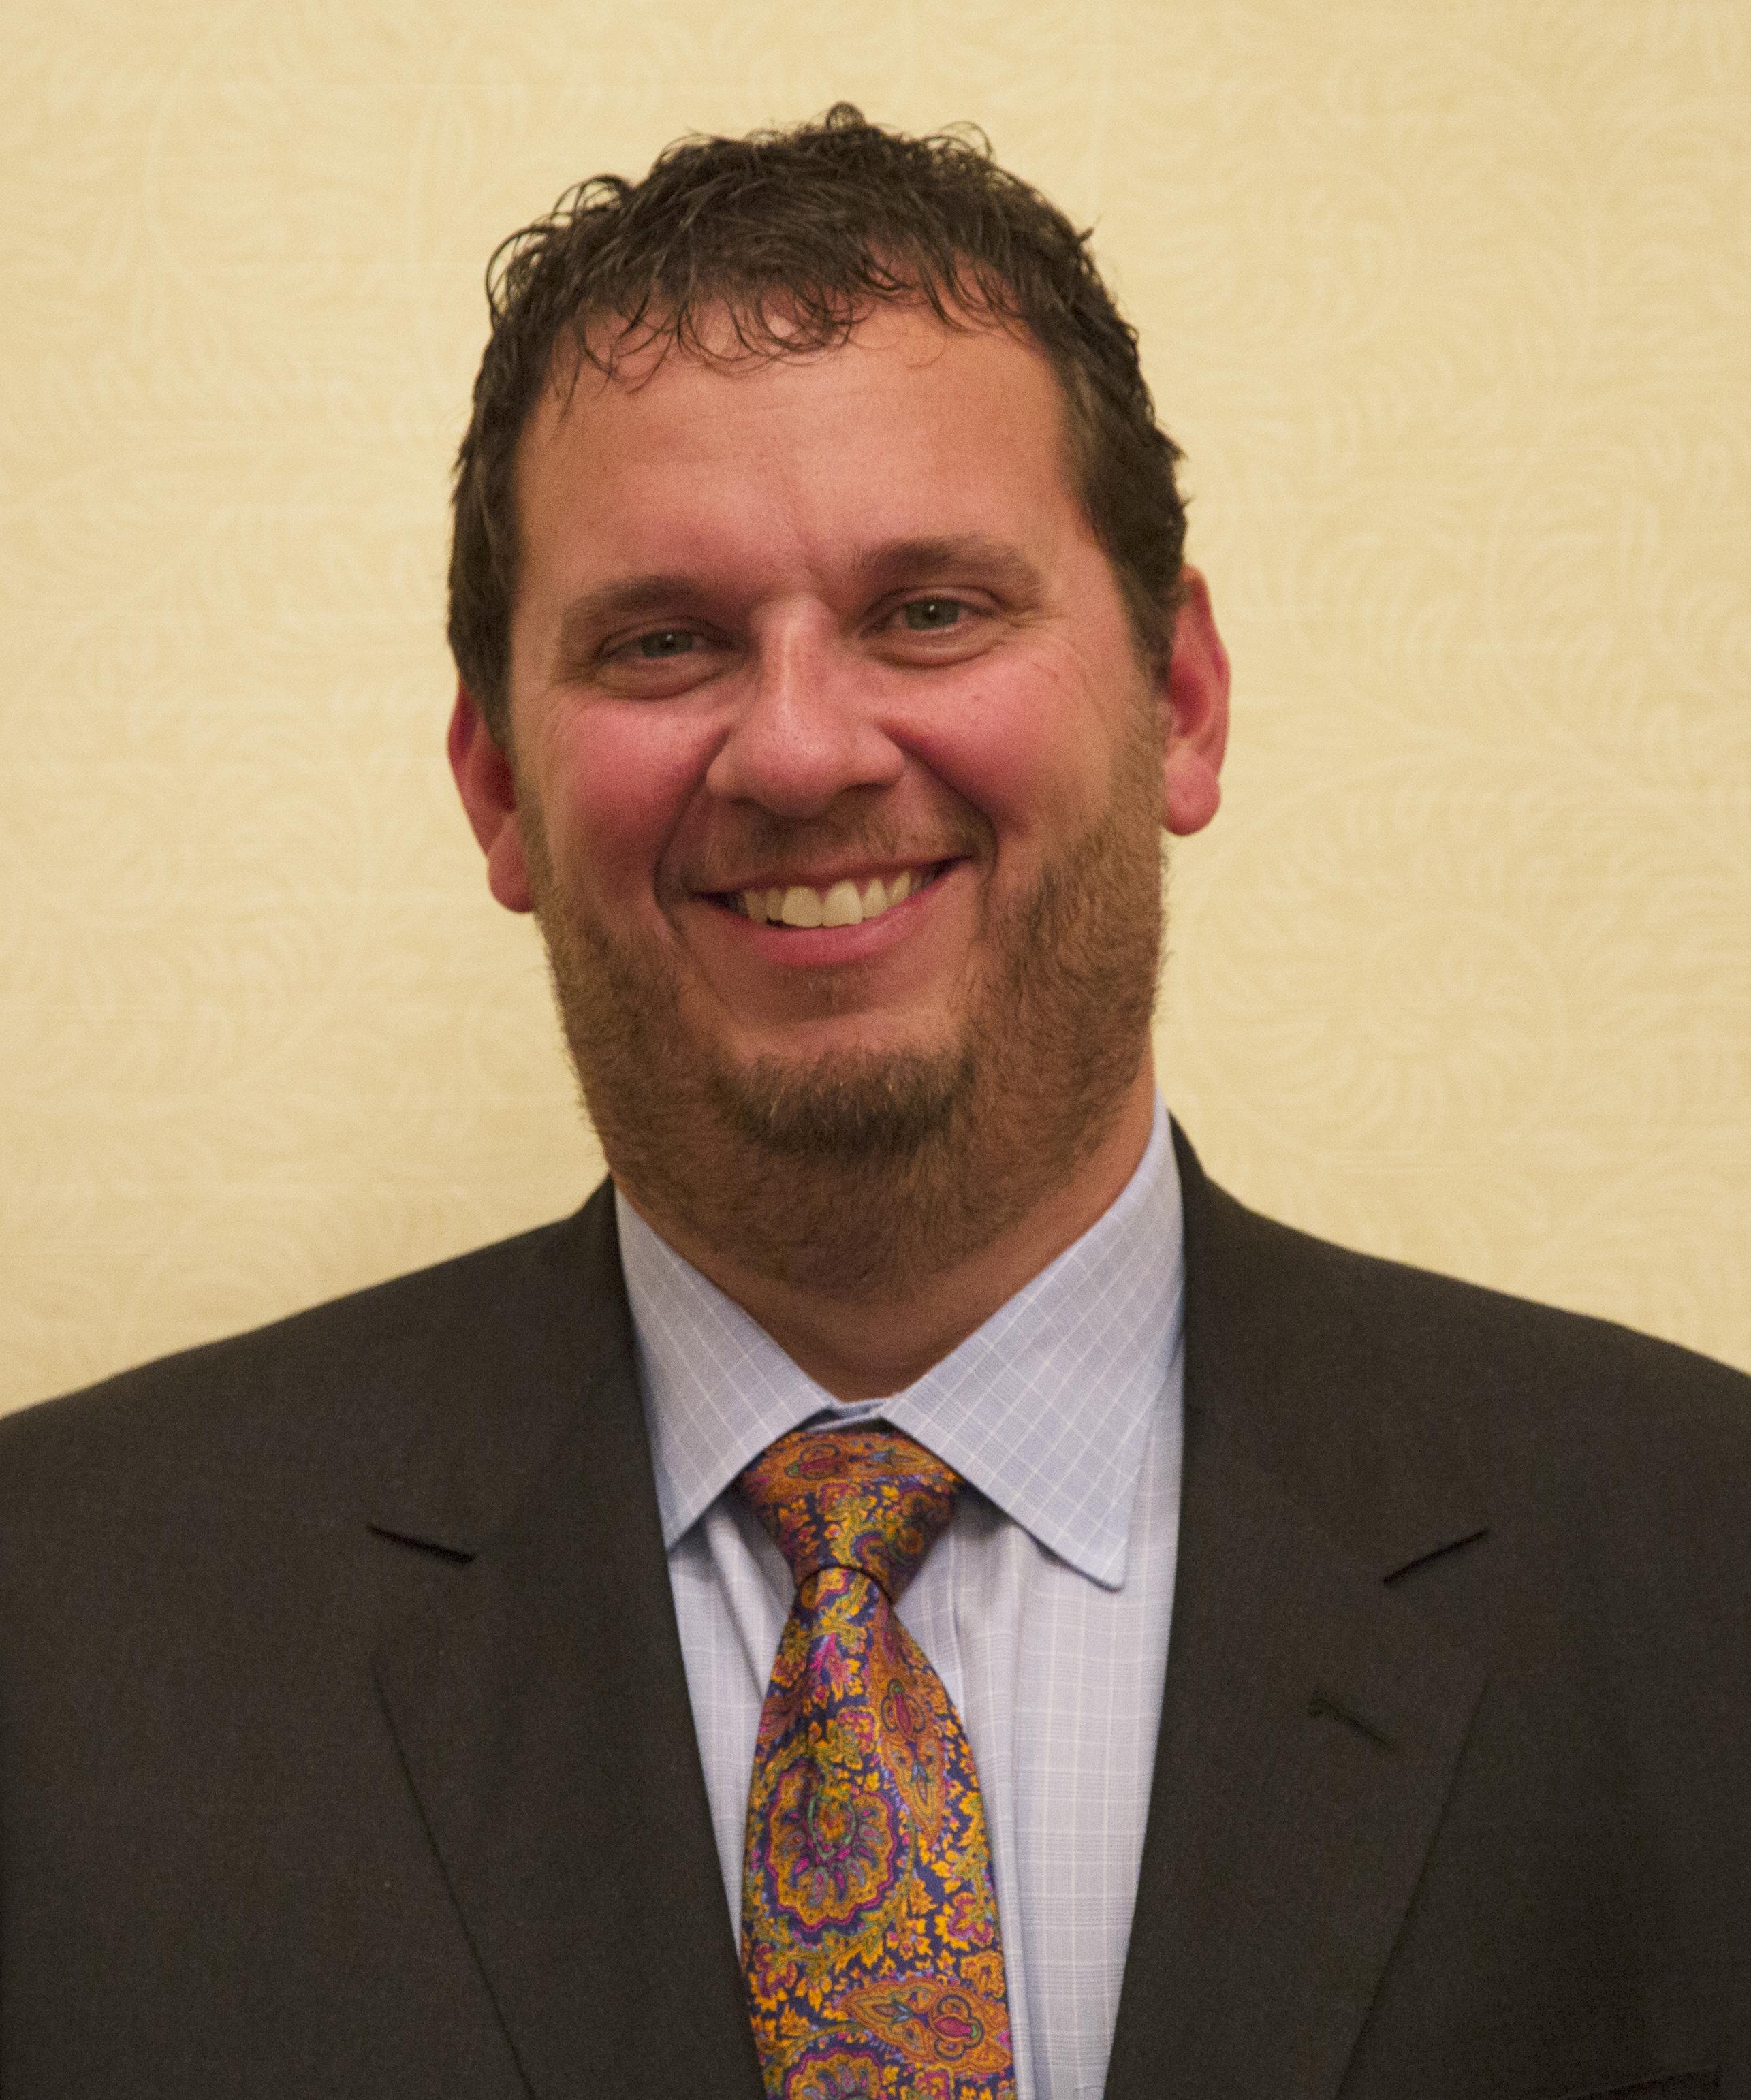 Anthony Wickersham